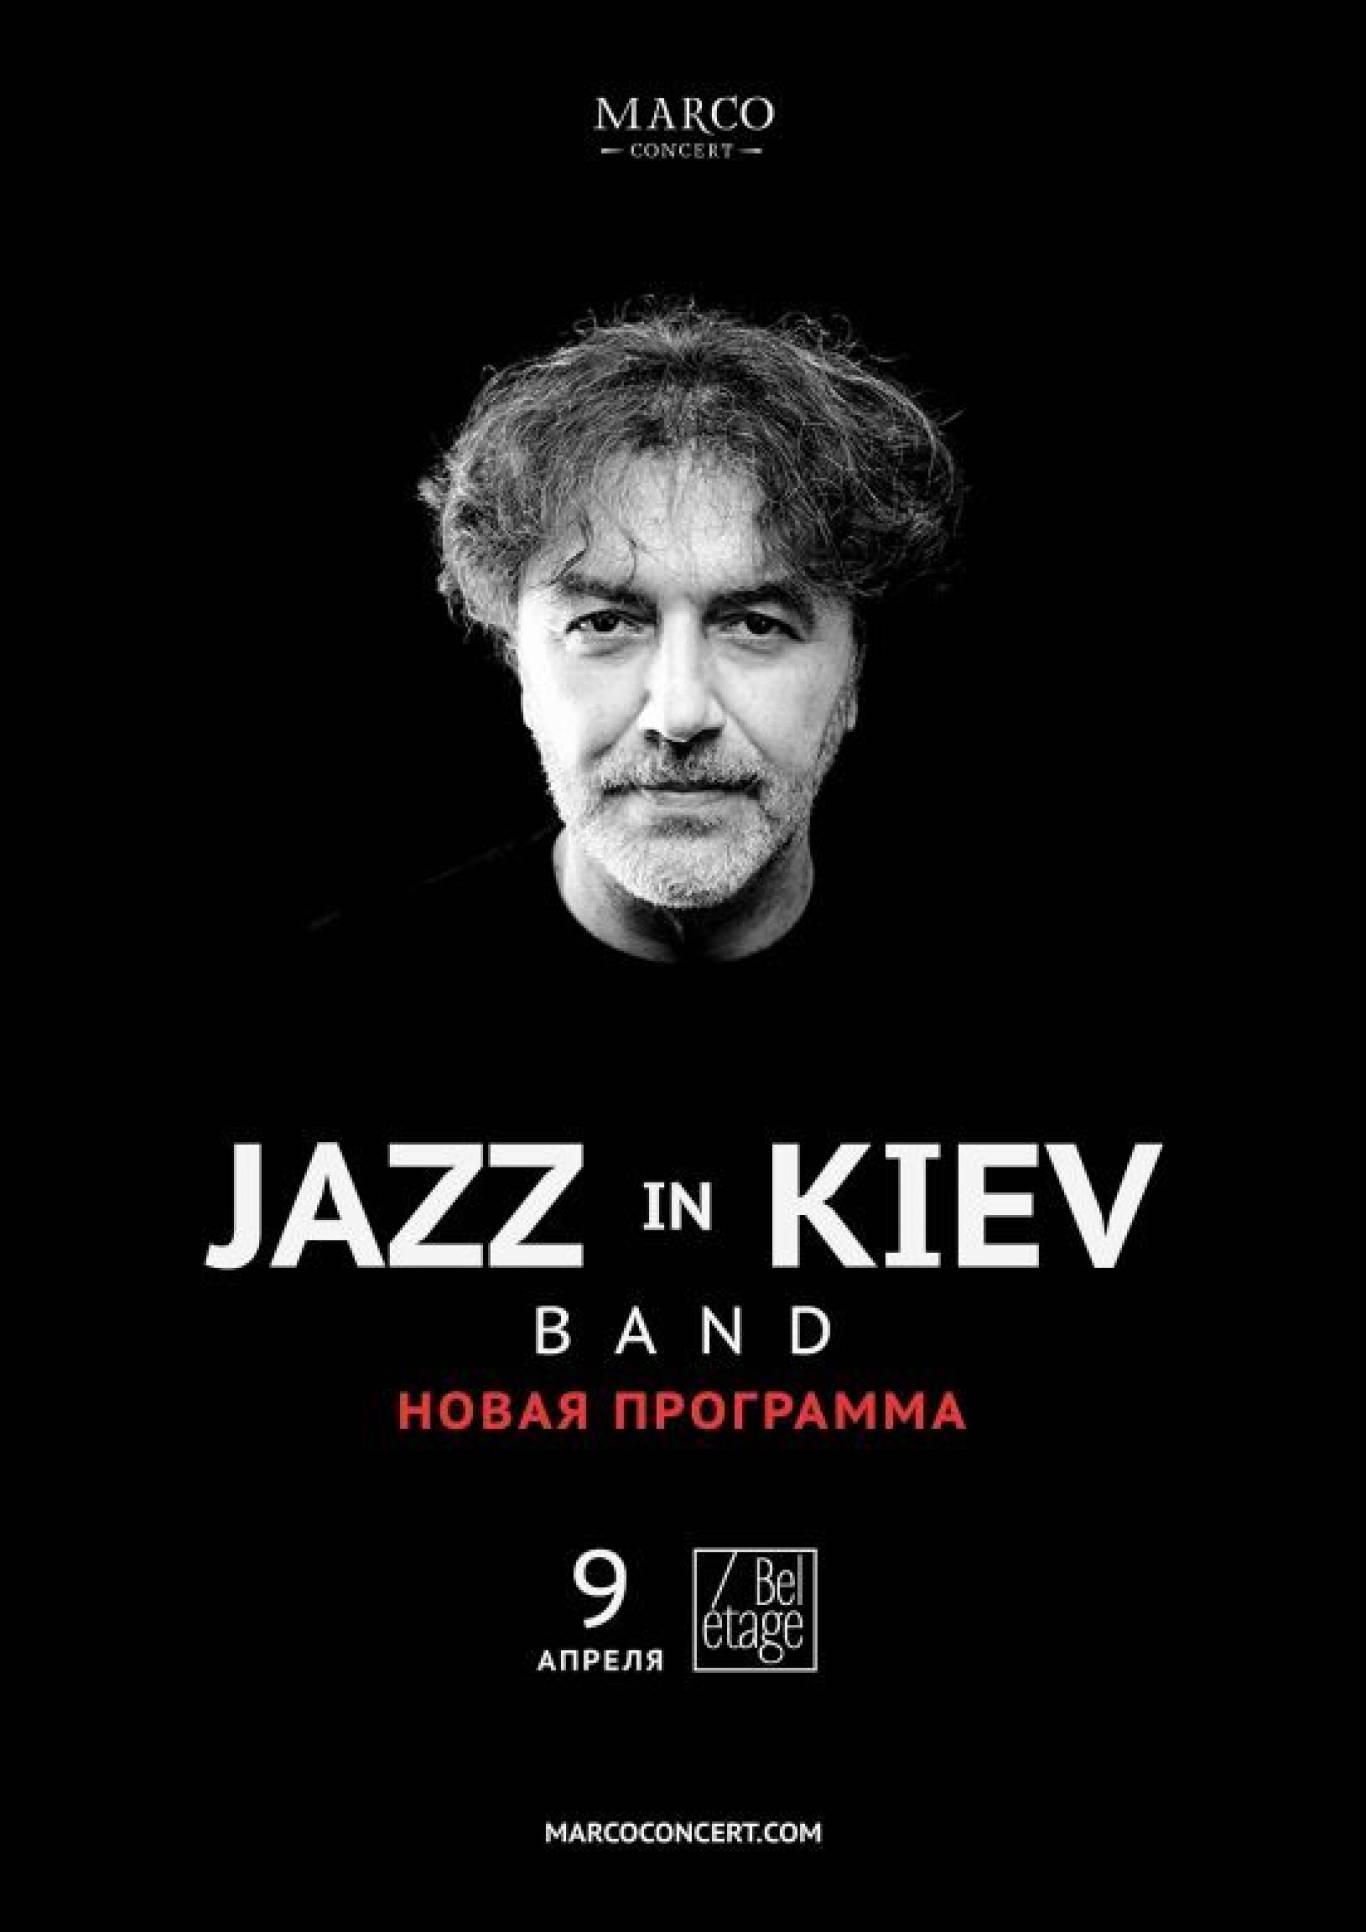 Jazz in Kiev Band